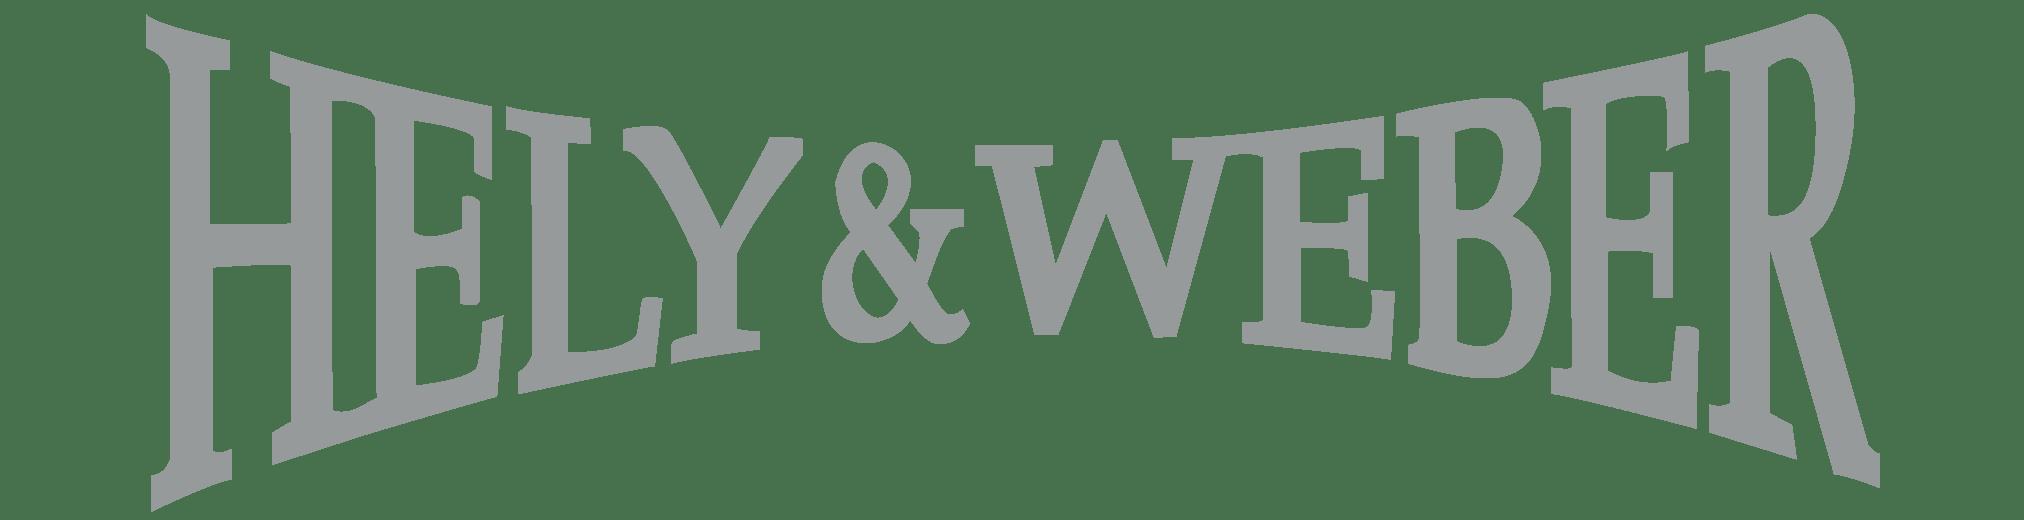 Hely & Weber Logo in Grey